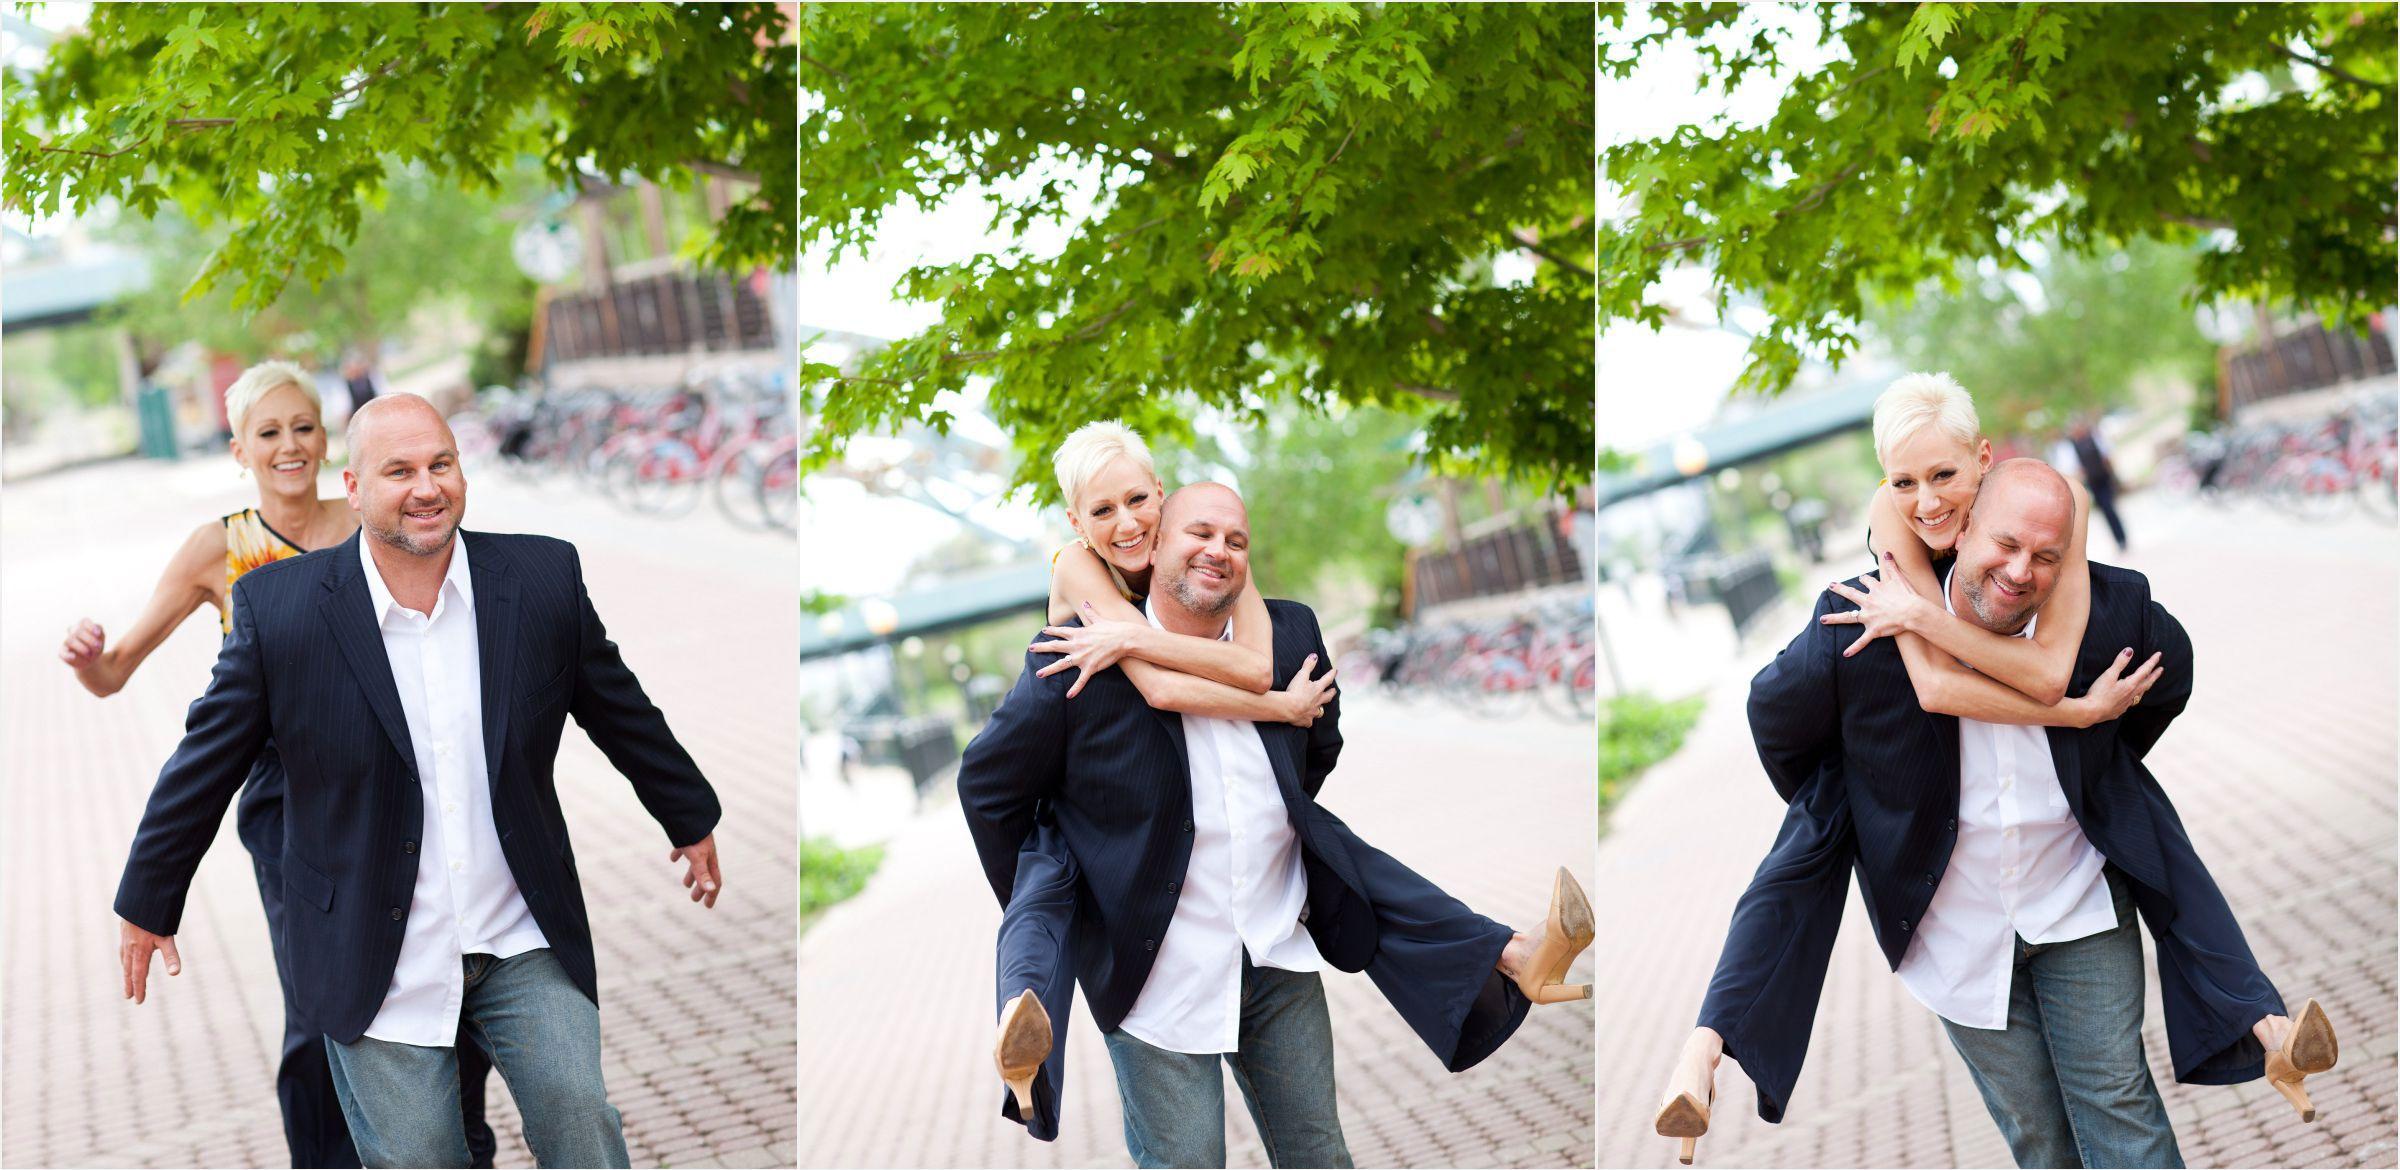 07-Denver-Family-Photography.jpg